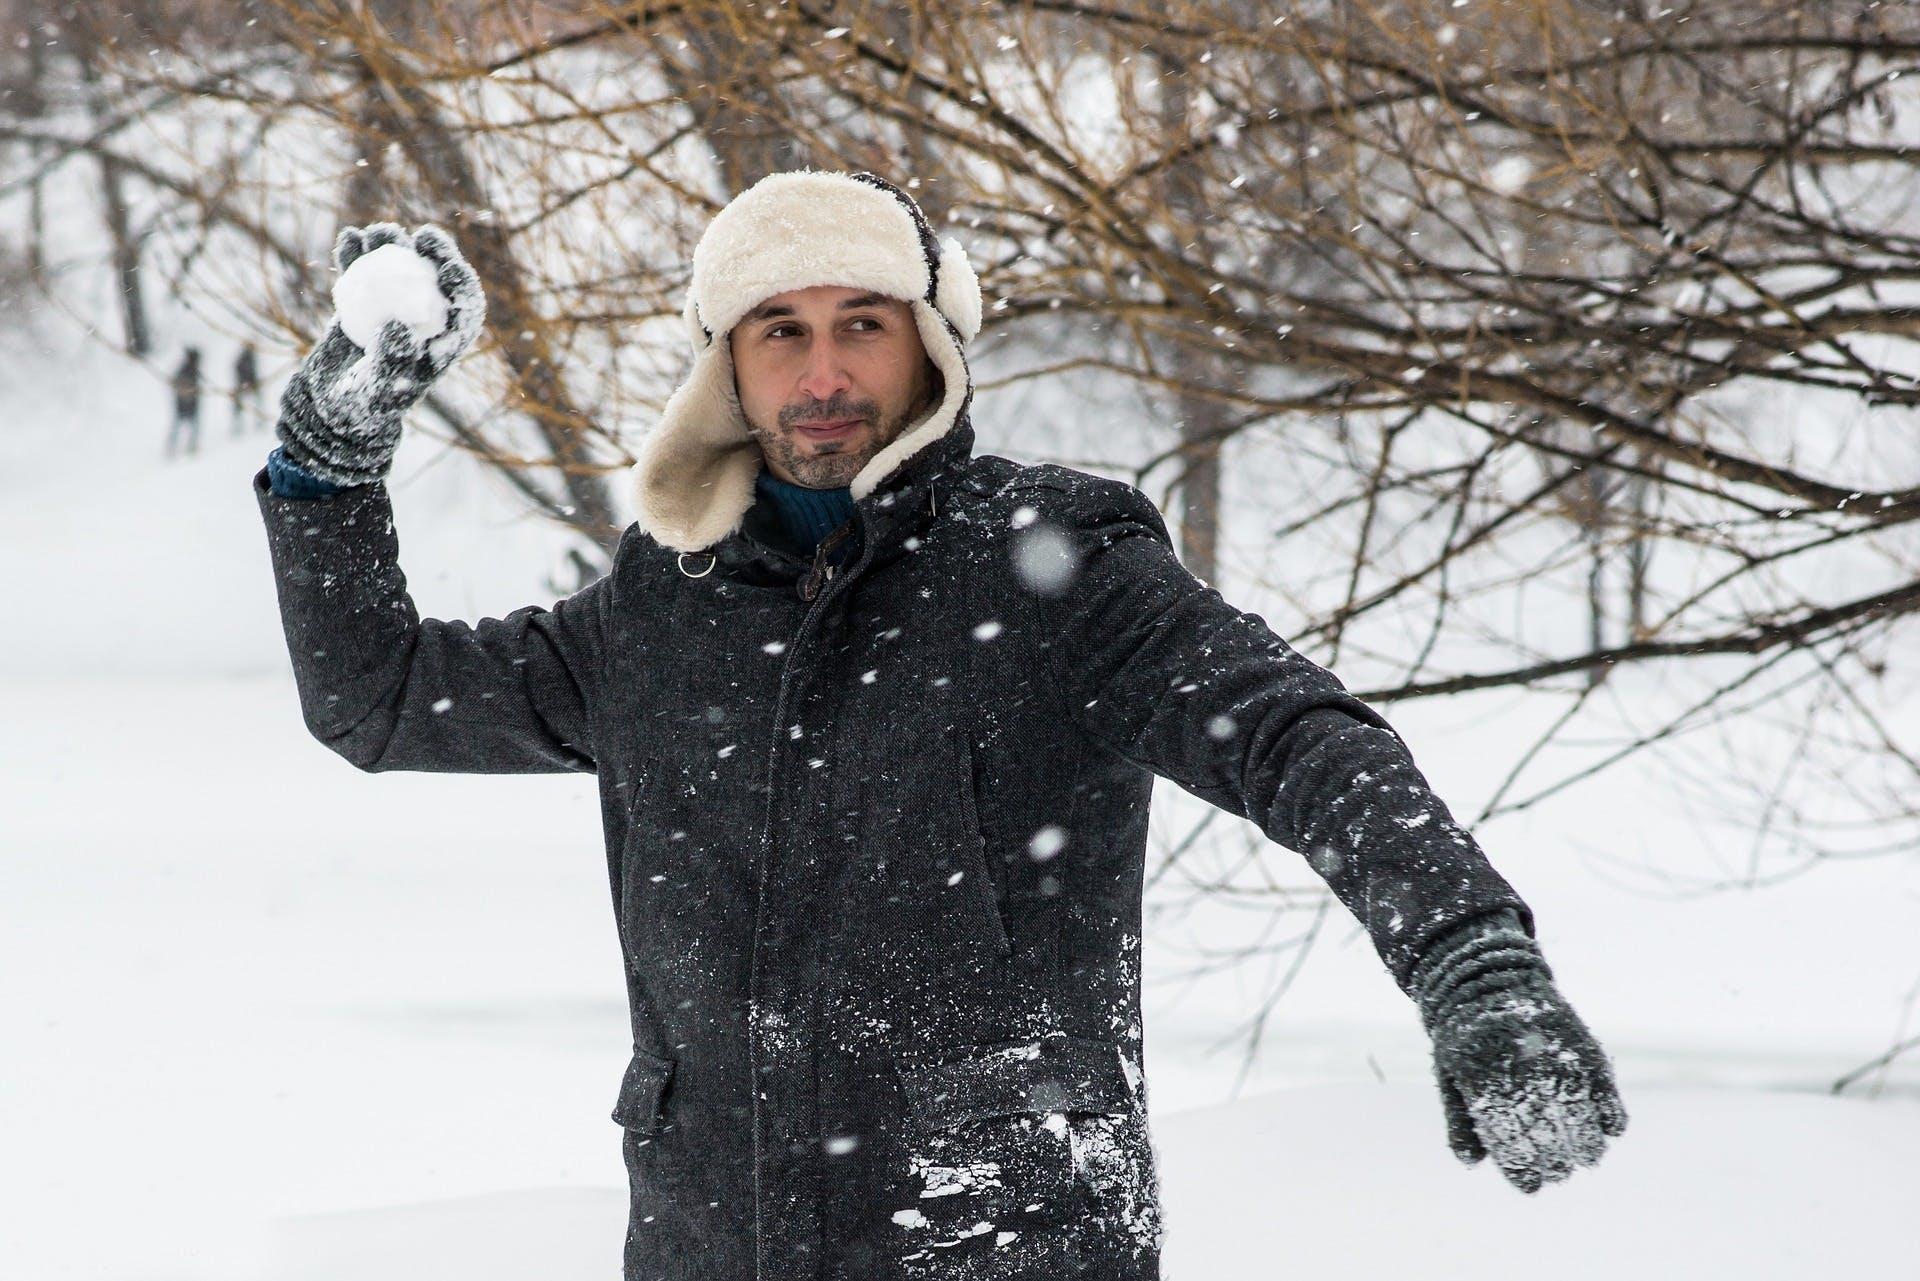 Mann wirft Schneeball